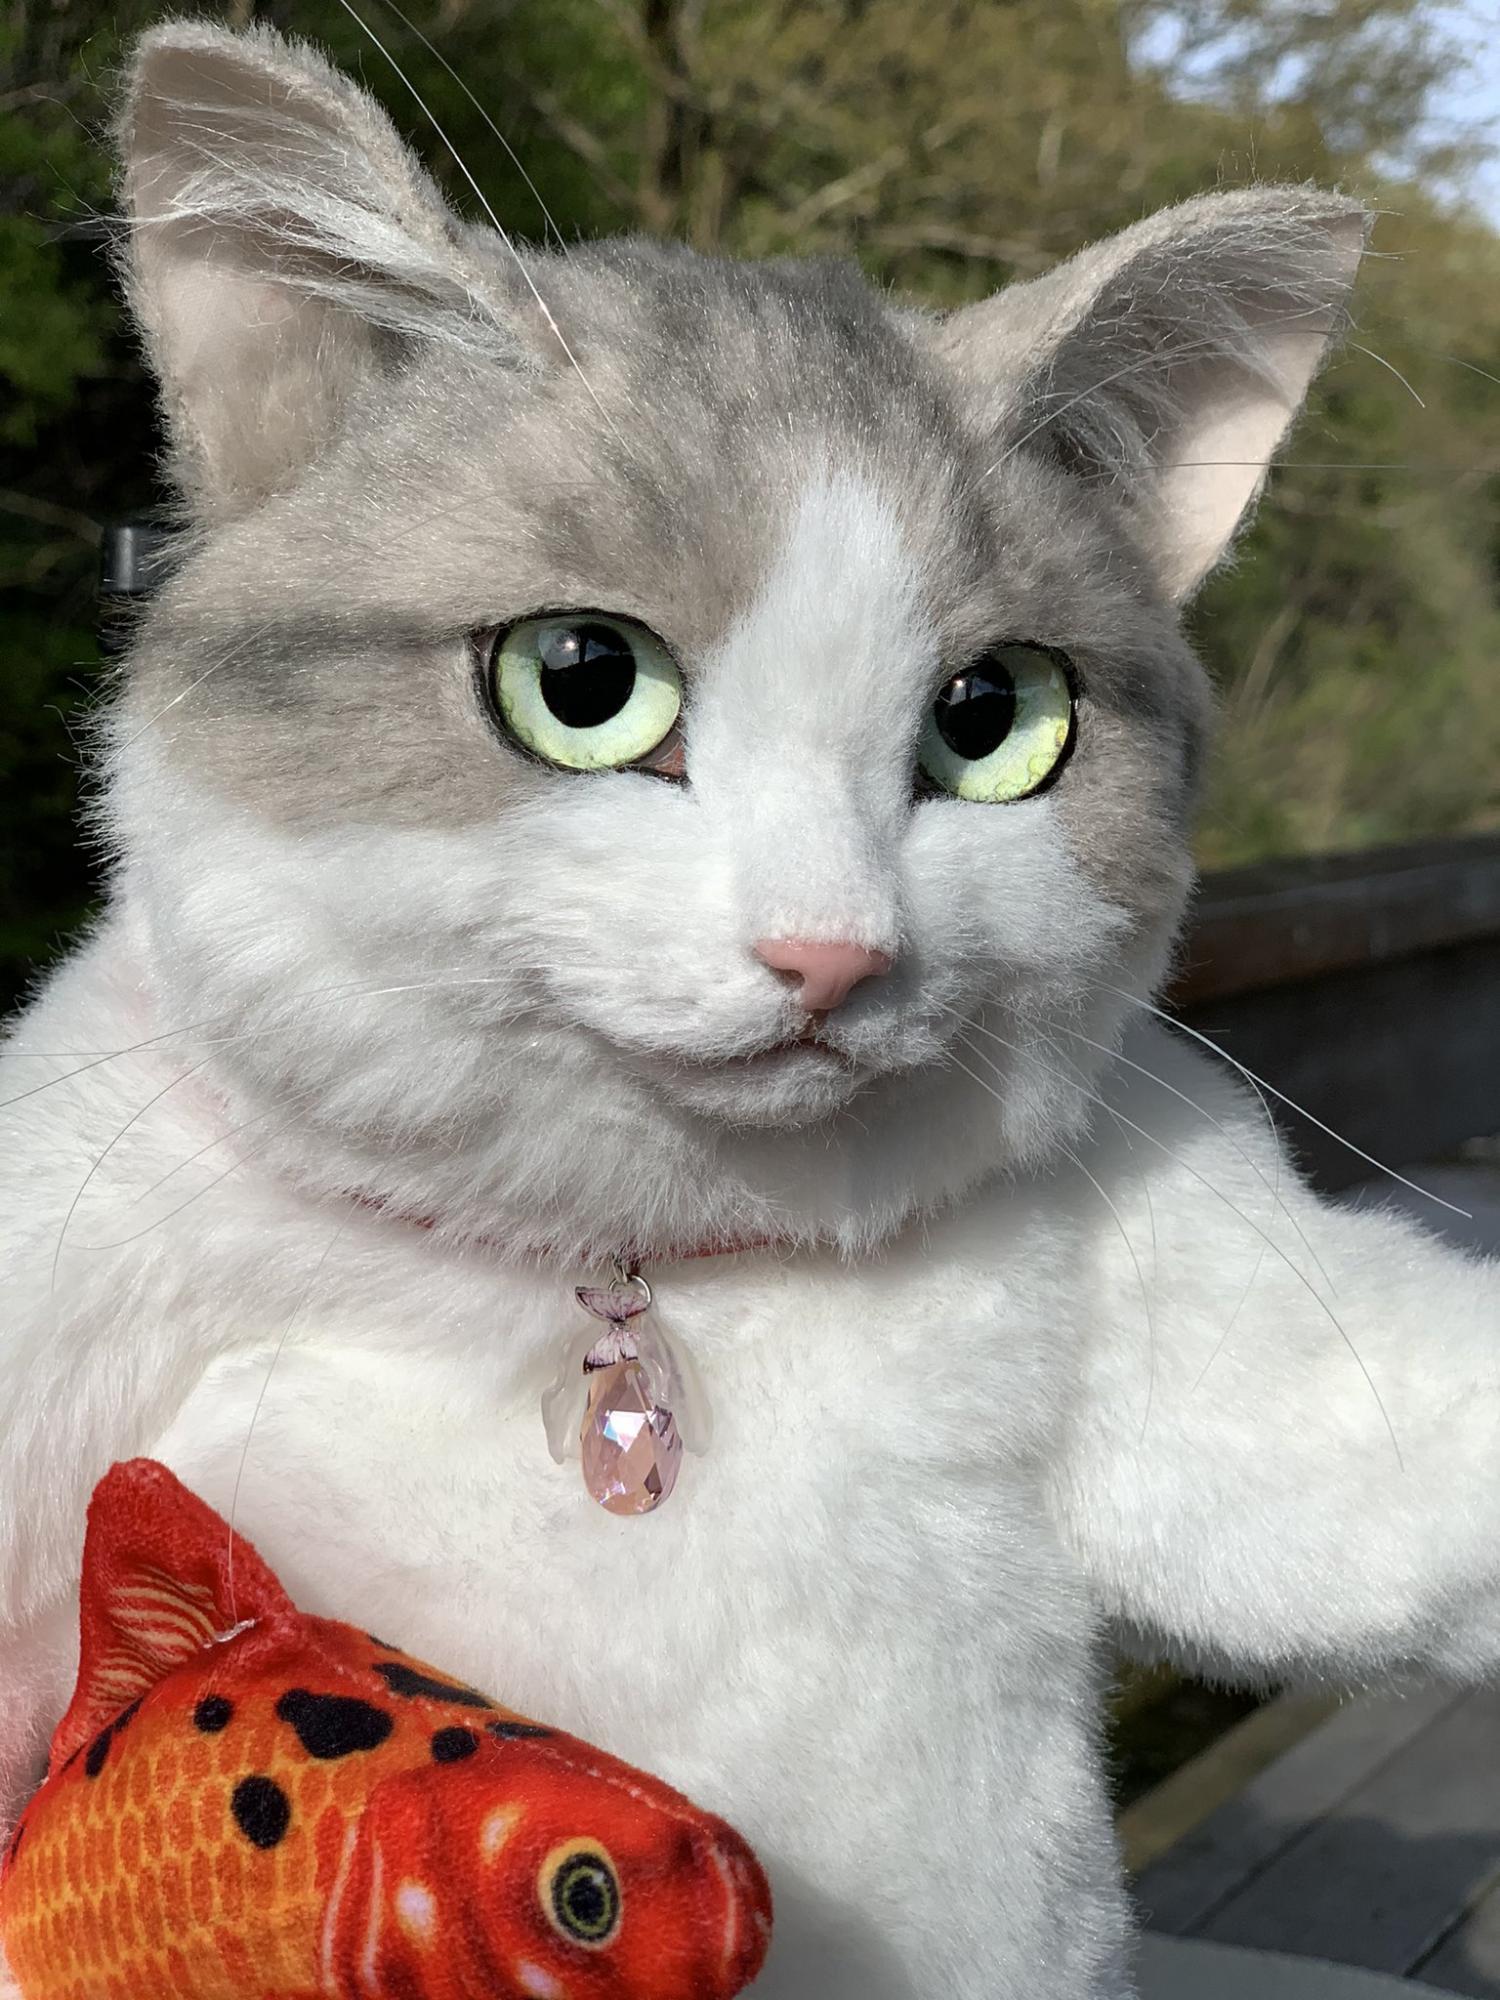 逼真的猫背包看起来像真正的活猫